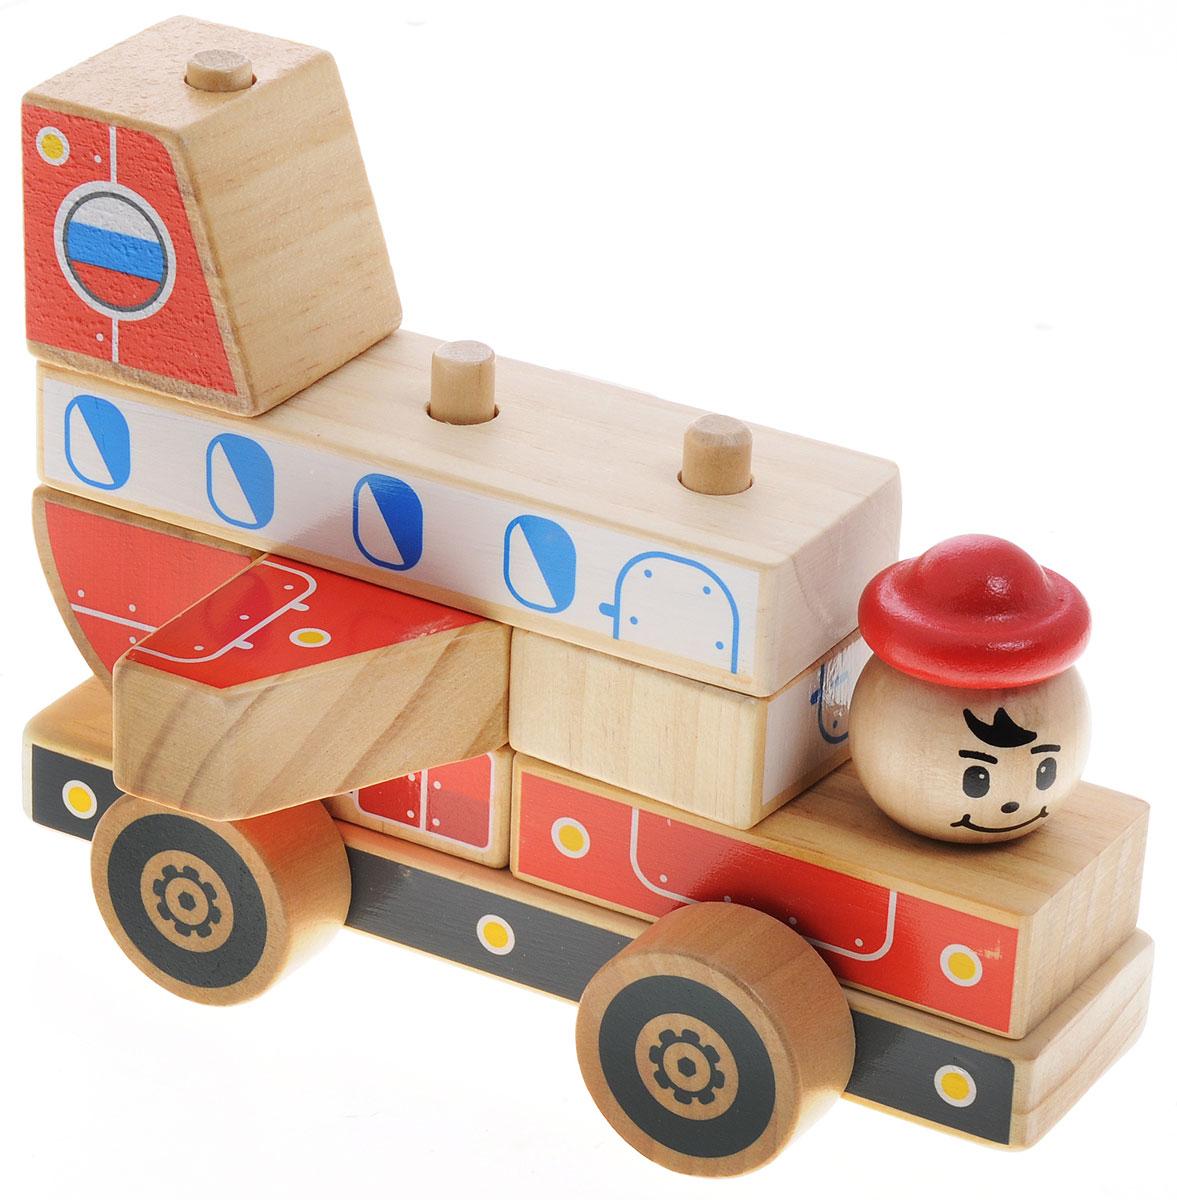 Мир деревянных игрушек Конструктор СамолетД062Яркий разноцветный конструктор-автомобиль изготовлен из экологически чистой древесины. Конструктор состоит из неразборного основания на колесиках и набора деталей различной формы, которые устанавливаются на основании по принципу пирамидки (надеваются на деревянные столбики). Из этих деталей получается красивая грузовая машина, которую можно катать. Игра с таким конструктором способствует развитию у ребенка внимания, усидчивости, пространственного мышления, координации движений, воображения, моторики пальчиков. Яркие детали конструктора познакомят ребенка с основными цветами.